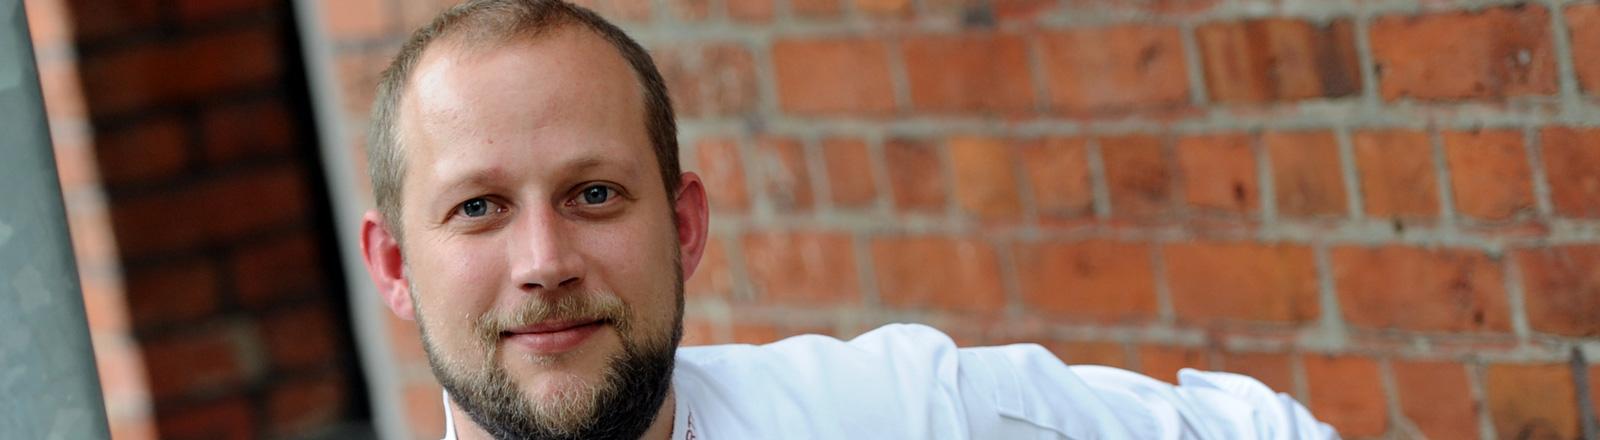 Stefan Hartmann lächelt in die Kamera